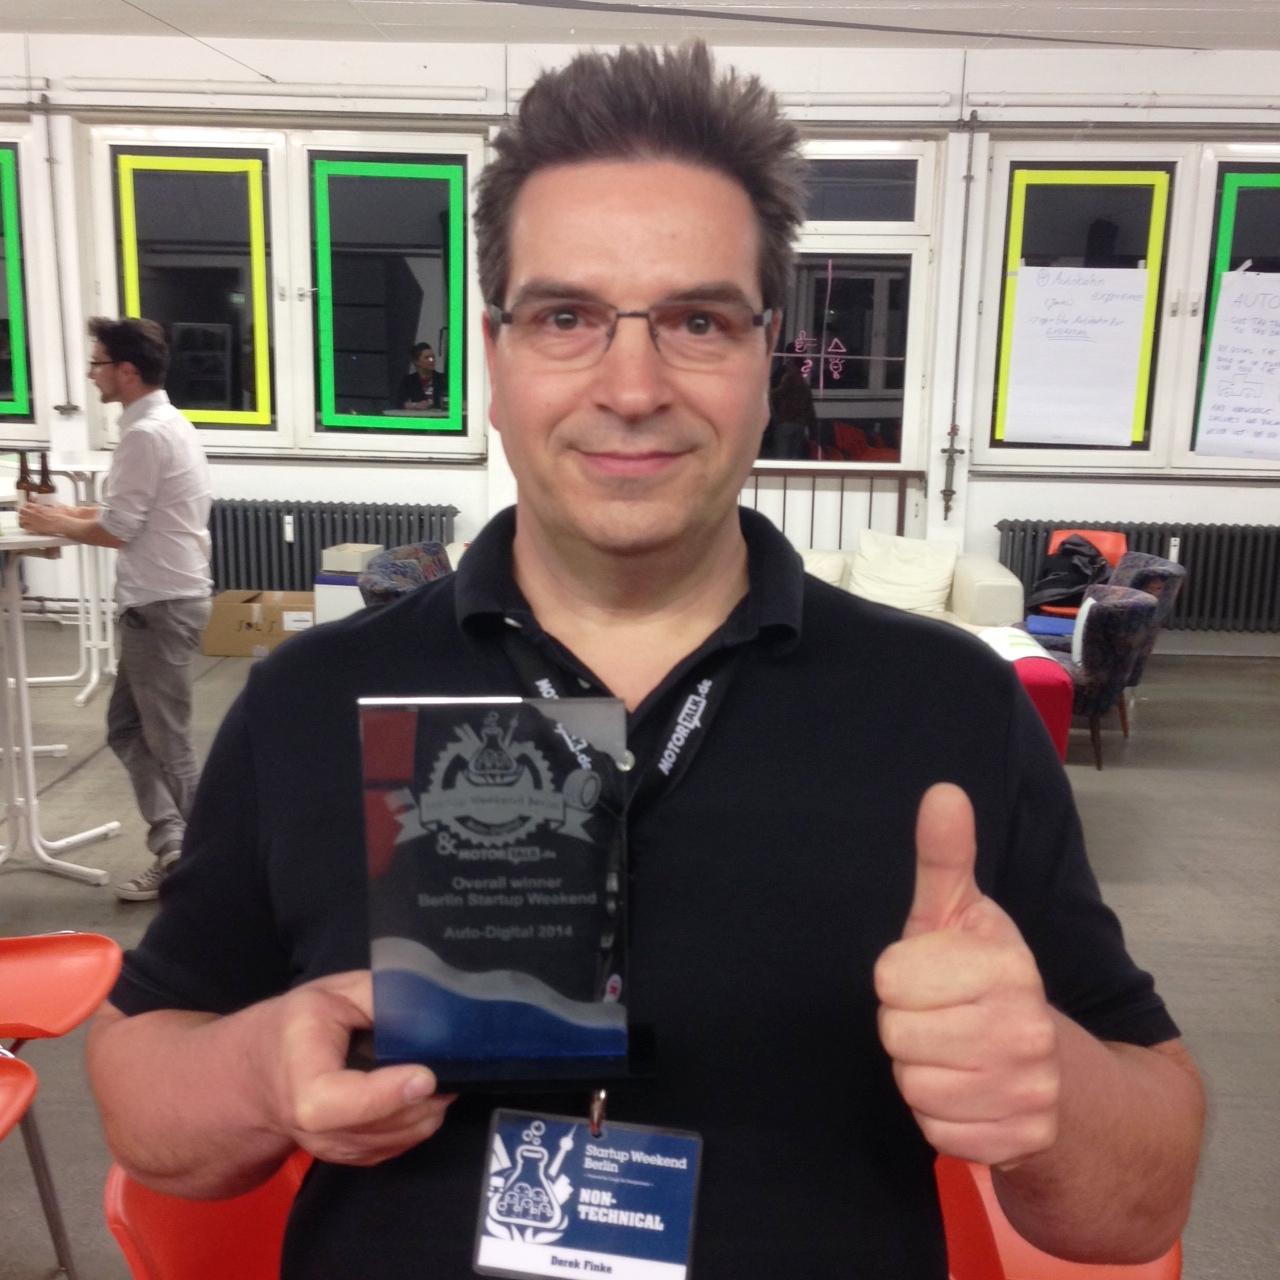 Team paketoo gewinnt das Startup Weekend Berlin